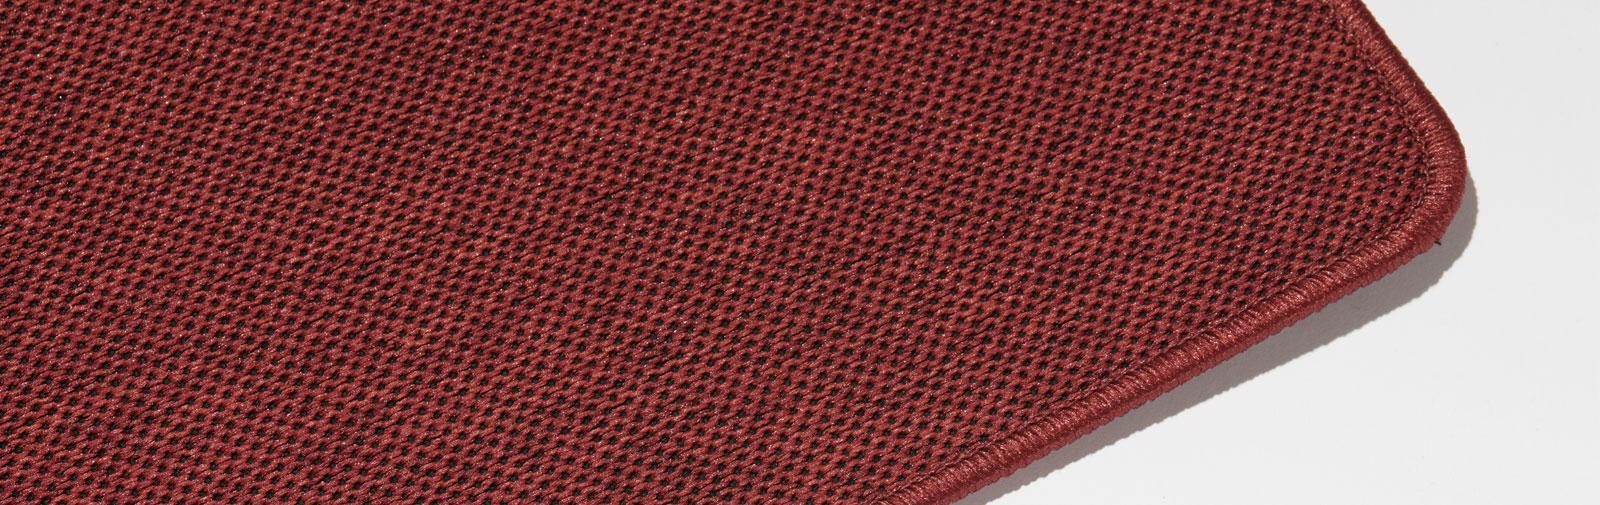 tapis d'église Wave couleur code 101 couleur rouge